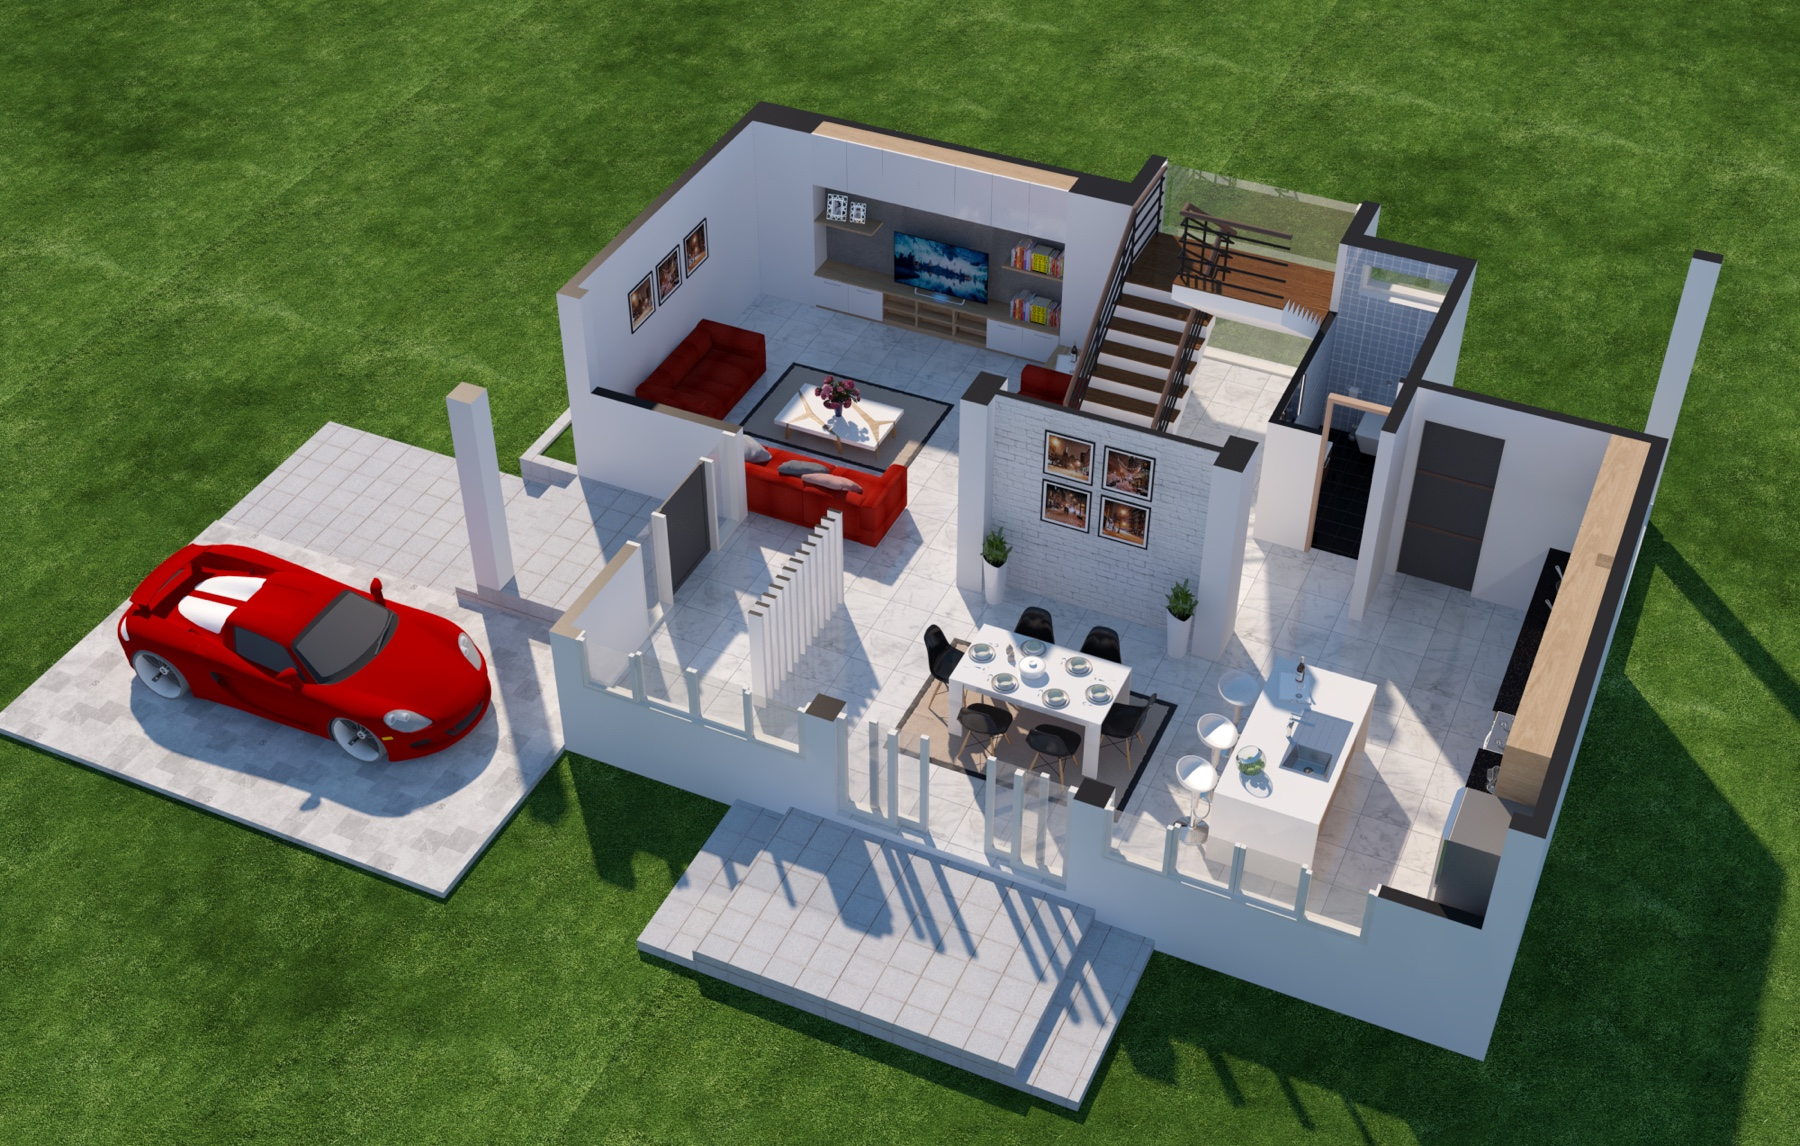 3D Floor Plan Design Service For Real Estate Marketing